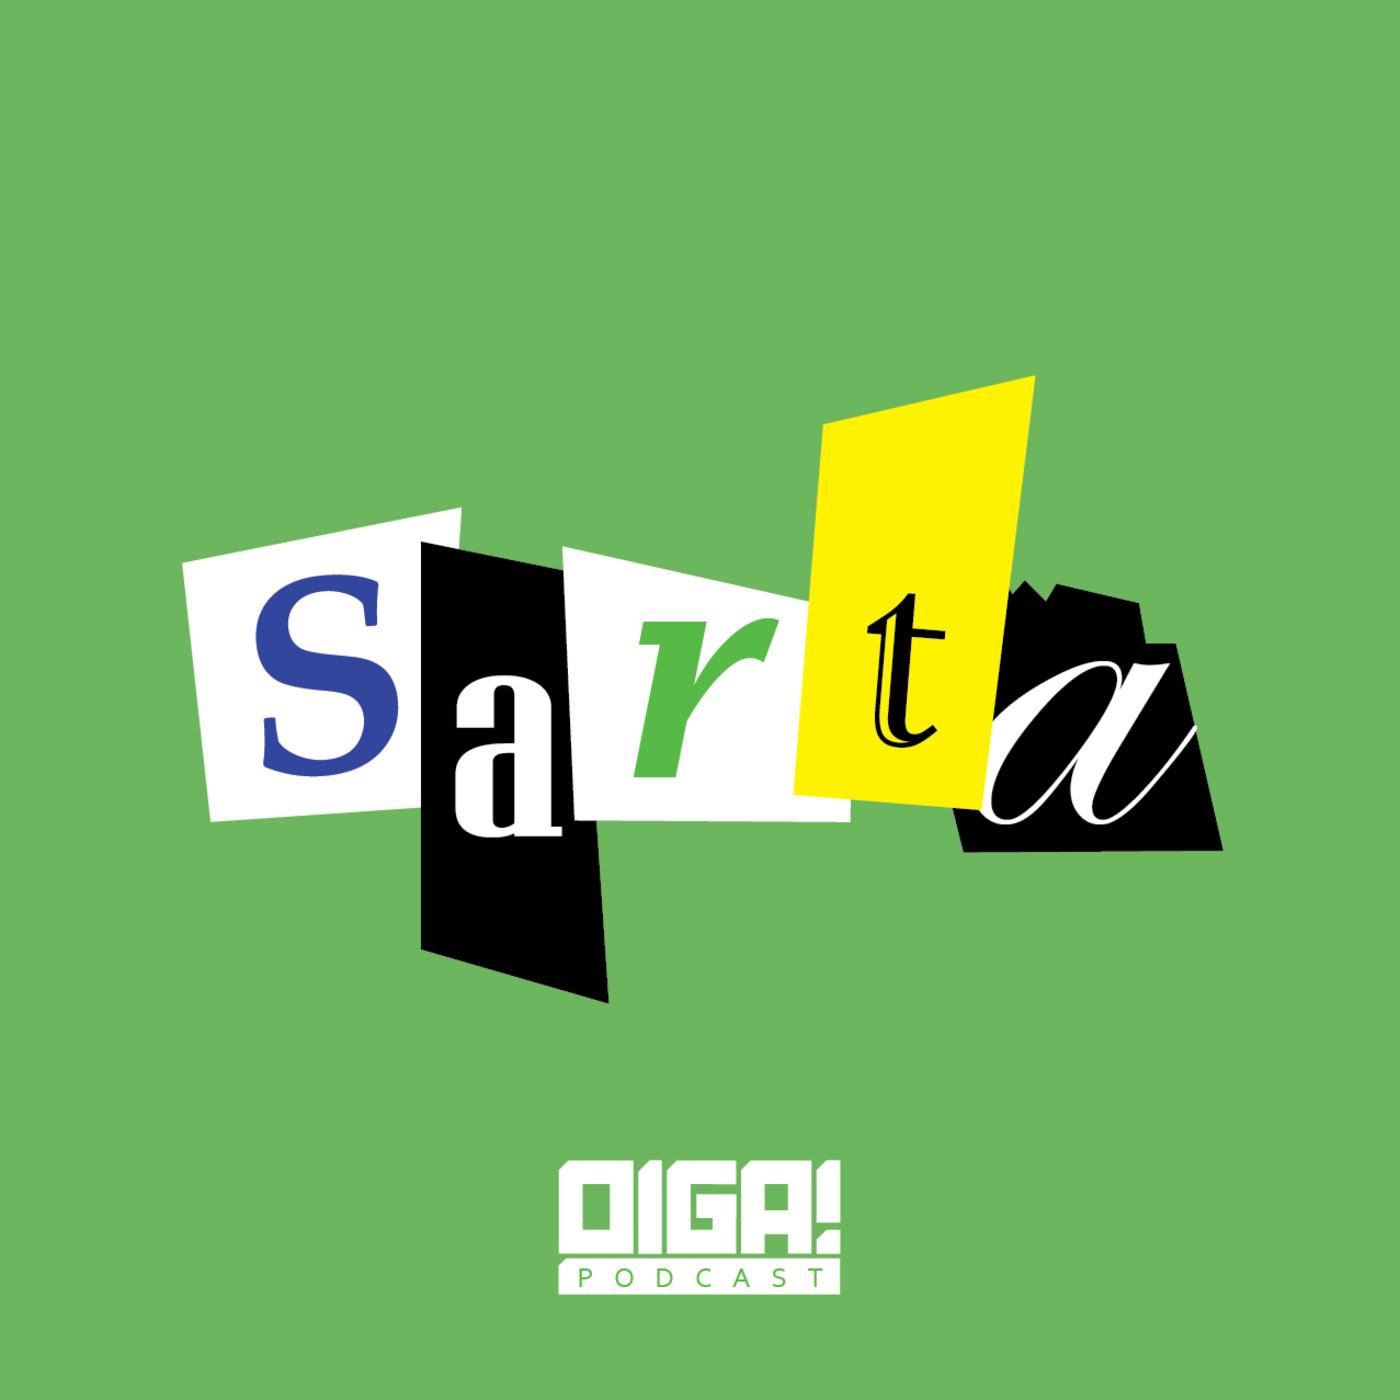 Sarta S08E08 - Game Of Drones